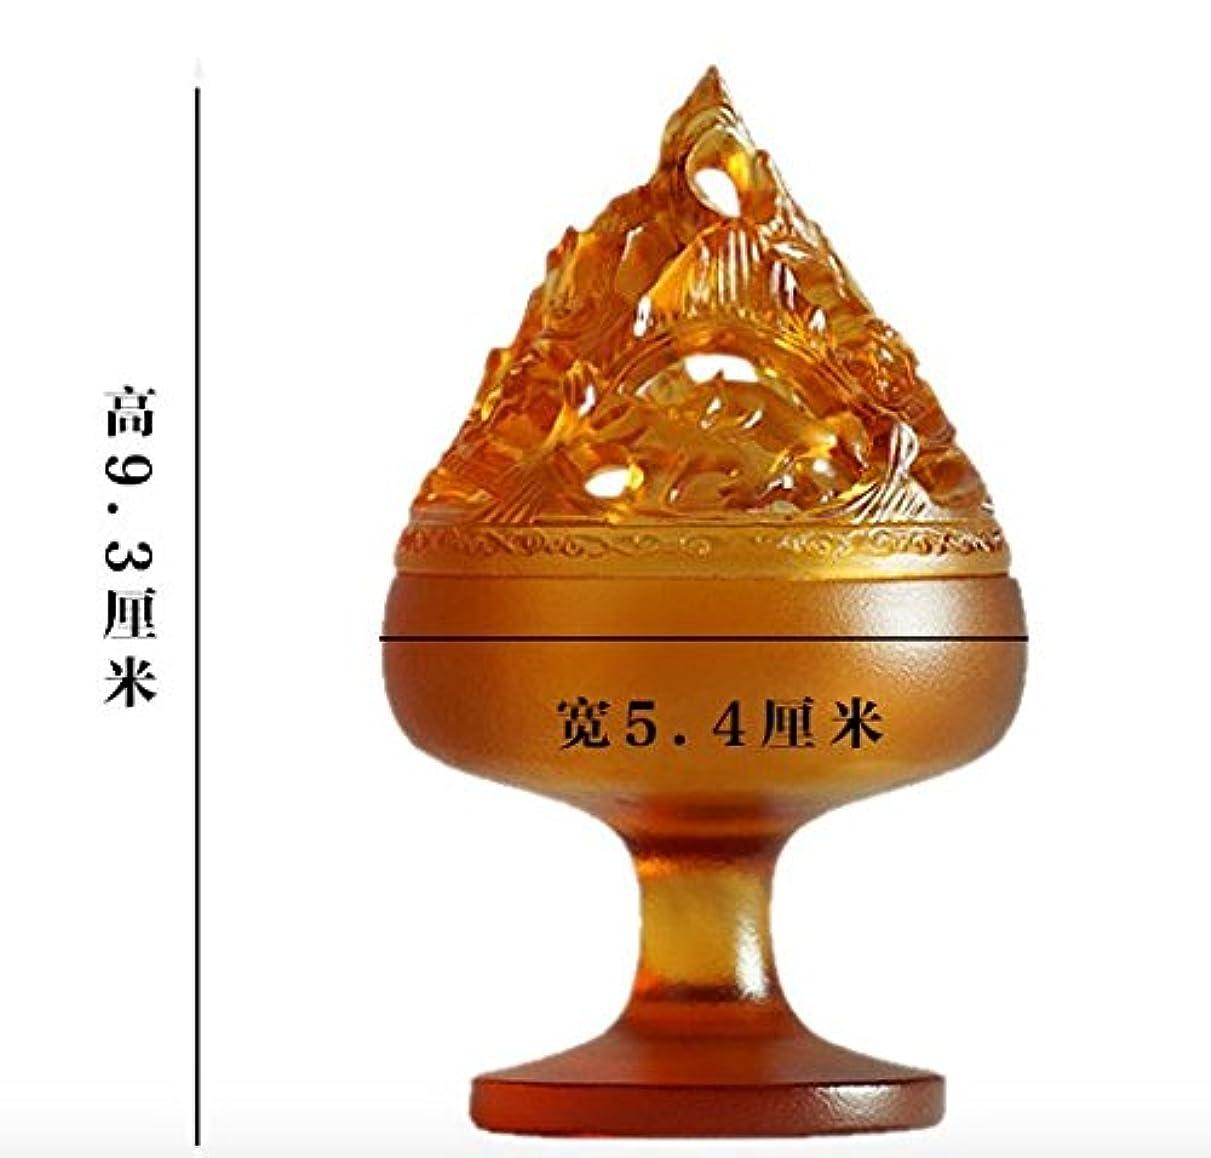 爪ホステス確かめる【Lenni】仿古博山炉 香道 博物館模倣 瑠璃アロマ香炉 沉香熏香炉